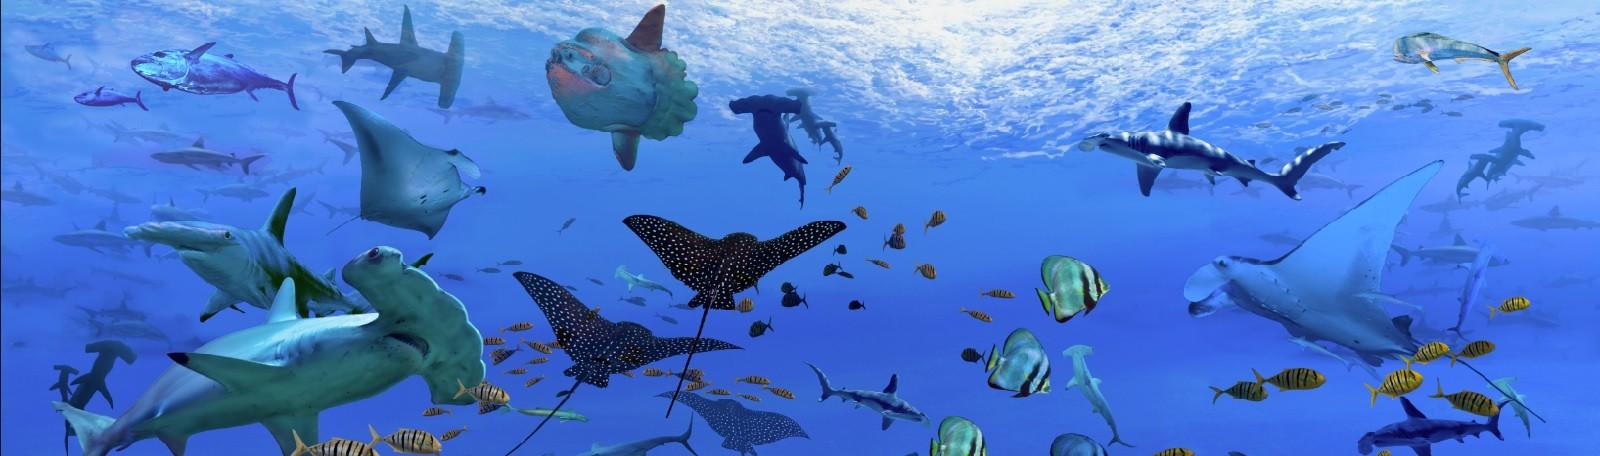 Car Park Boulogne Sur Mer Aquarium de Nausicaa